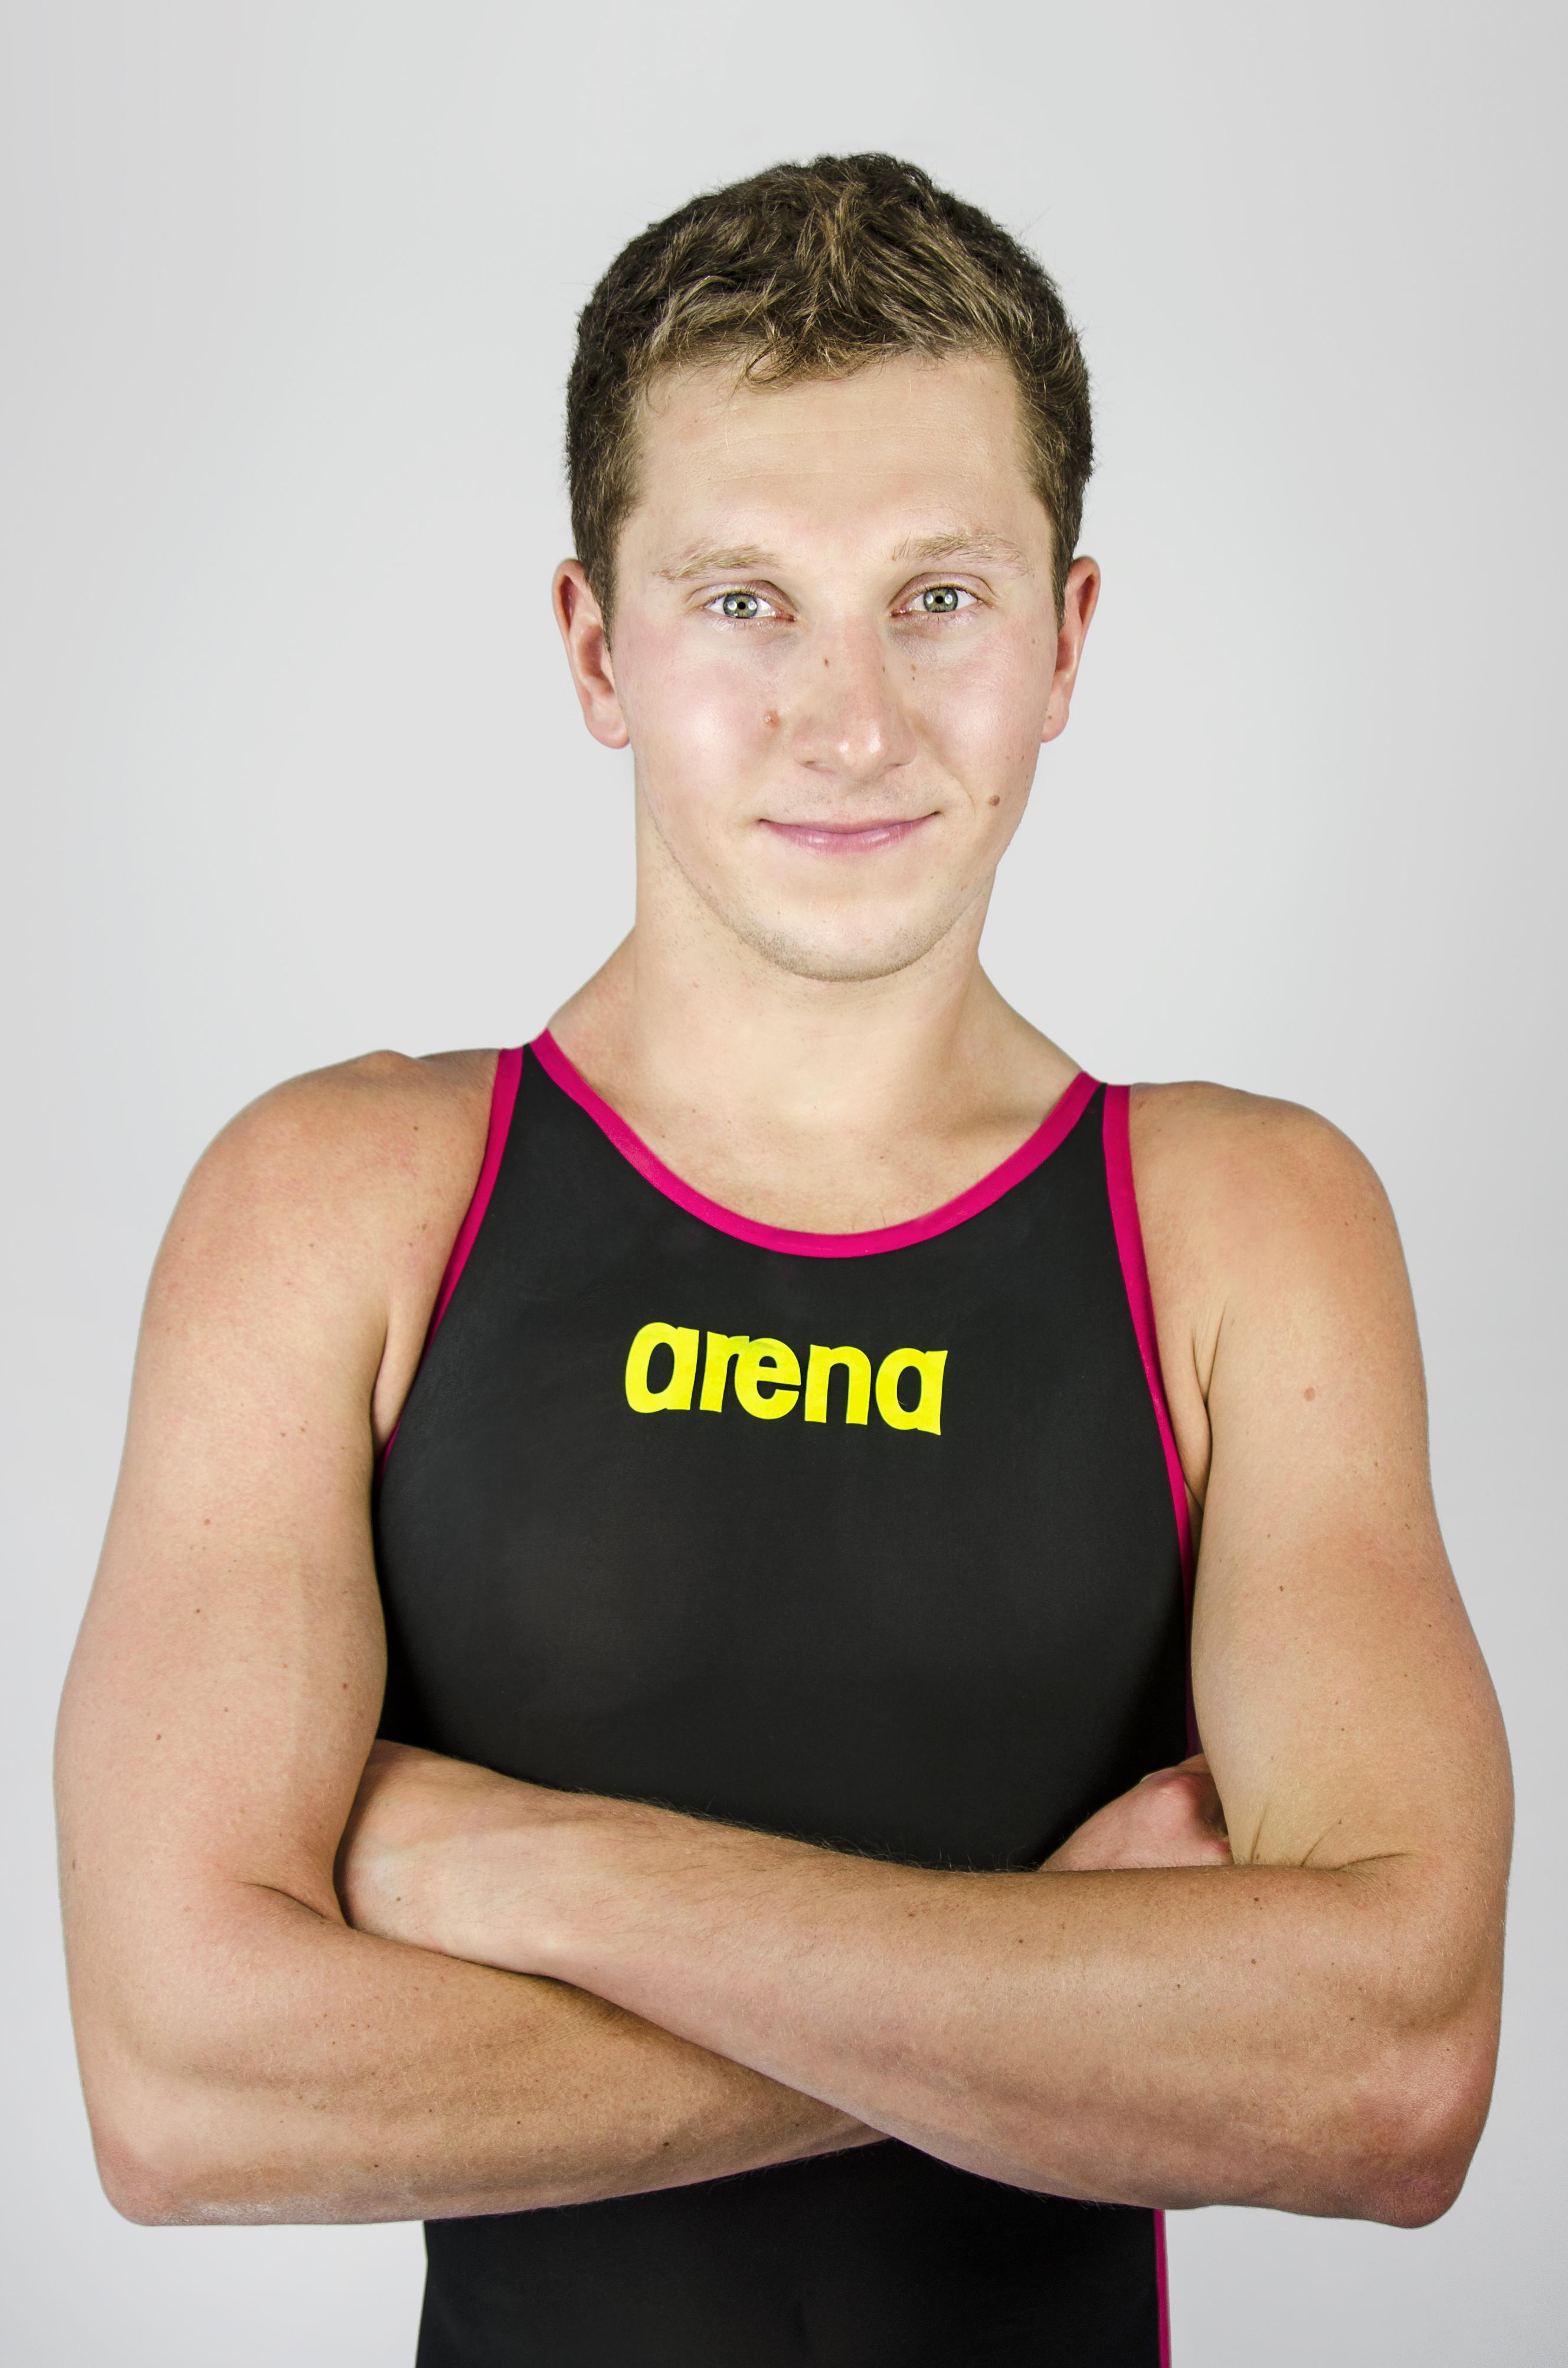 [WYWIAD] Krzysztof Pielowski – pływanie